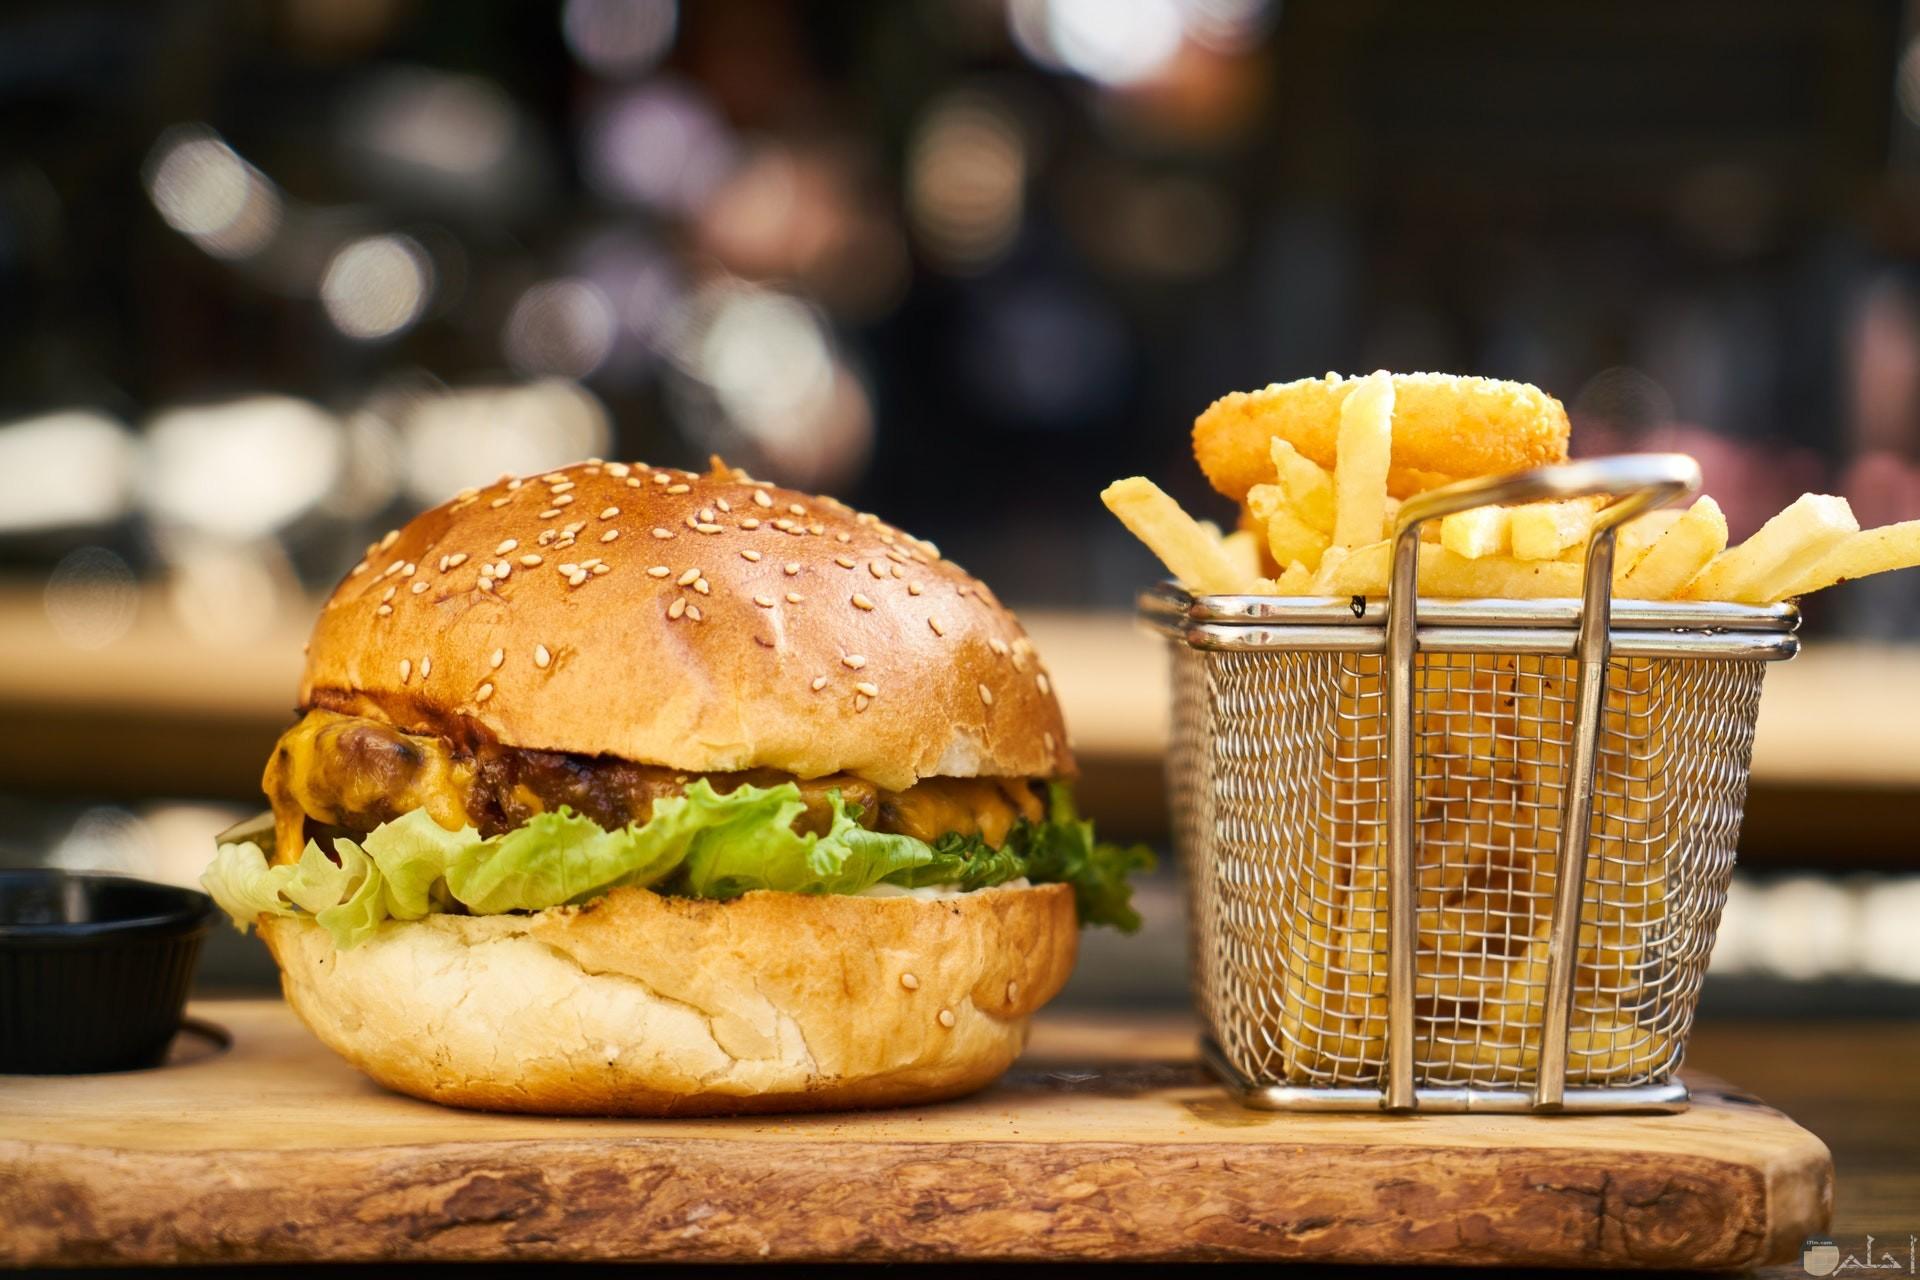 صورة ساندوتش برجر لذيذ مع بطاطس شهية بجانبه